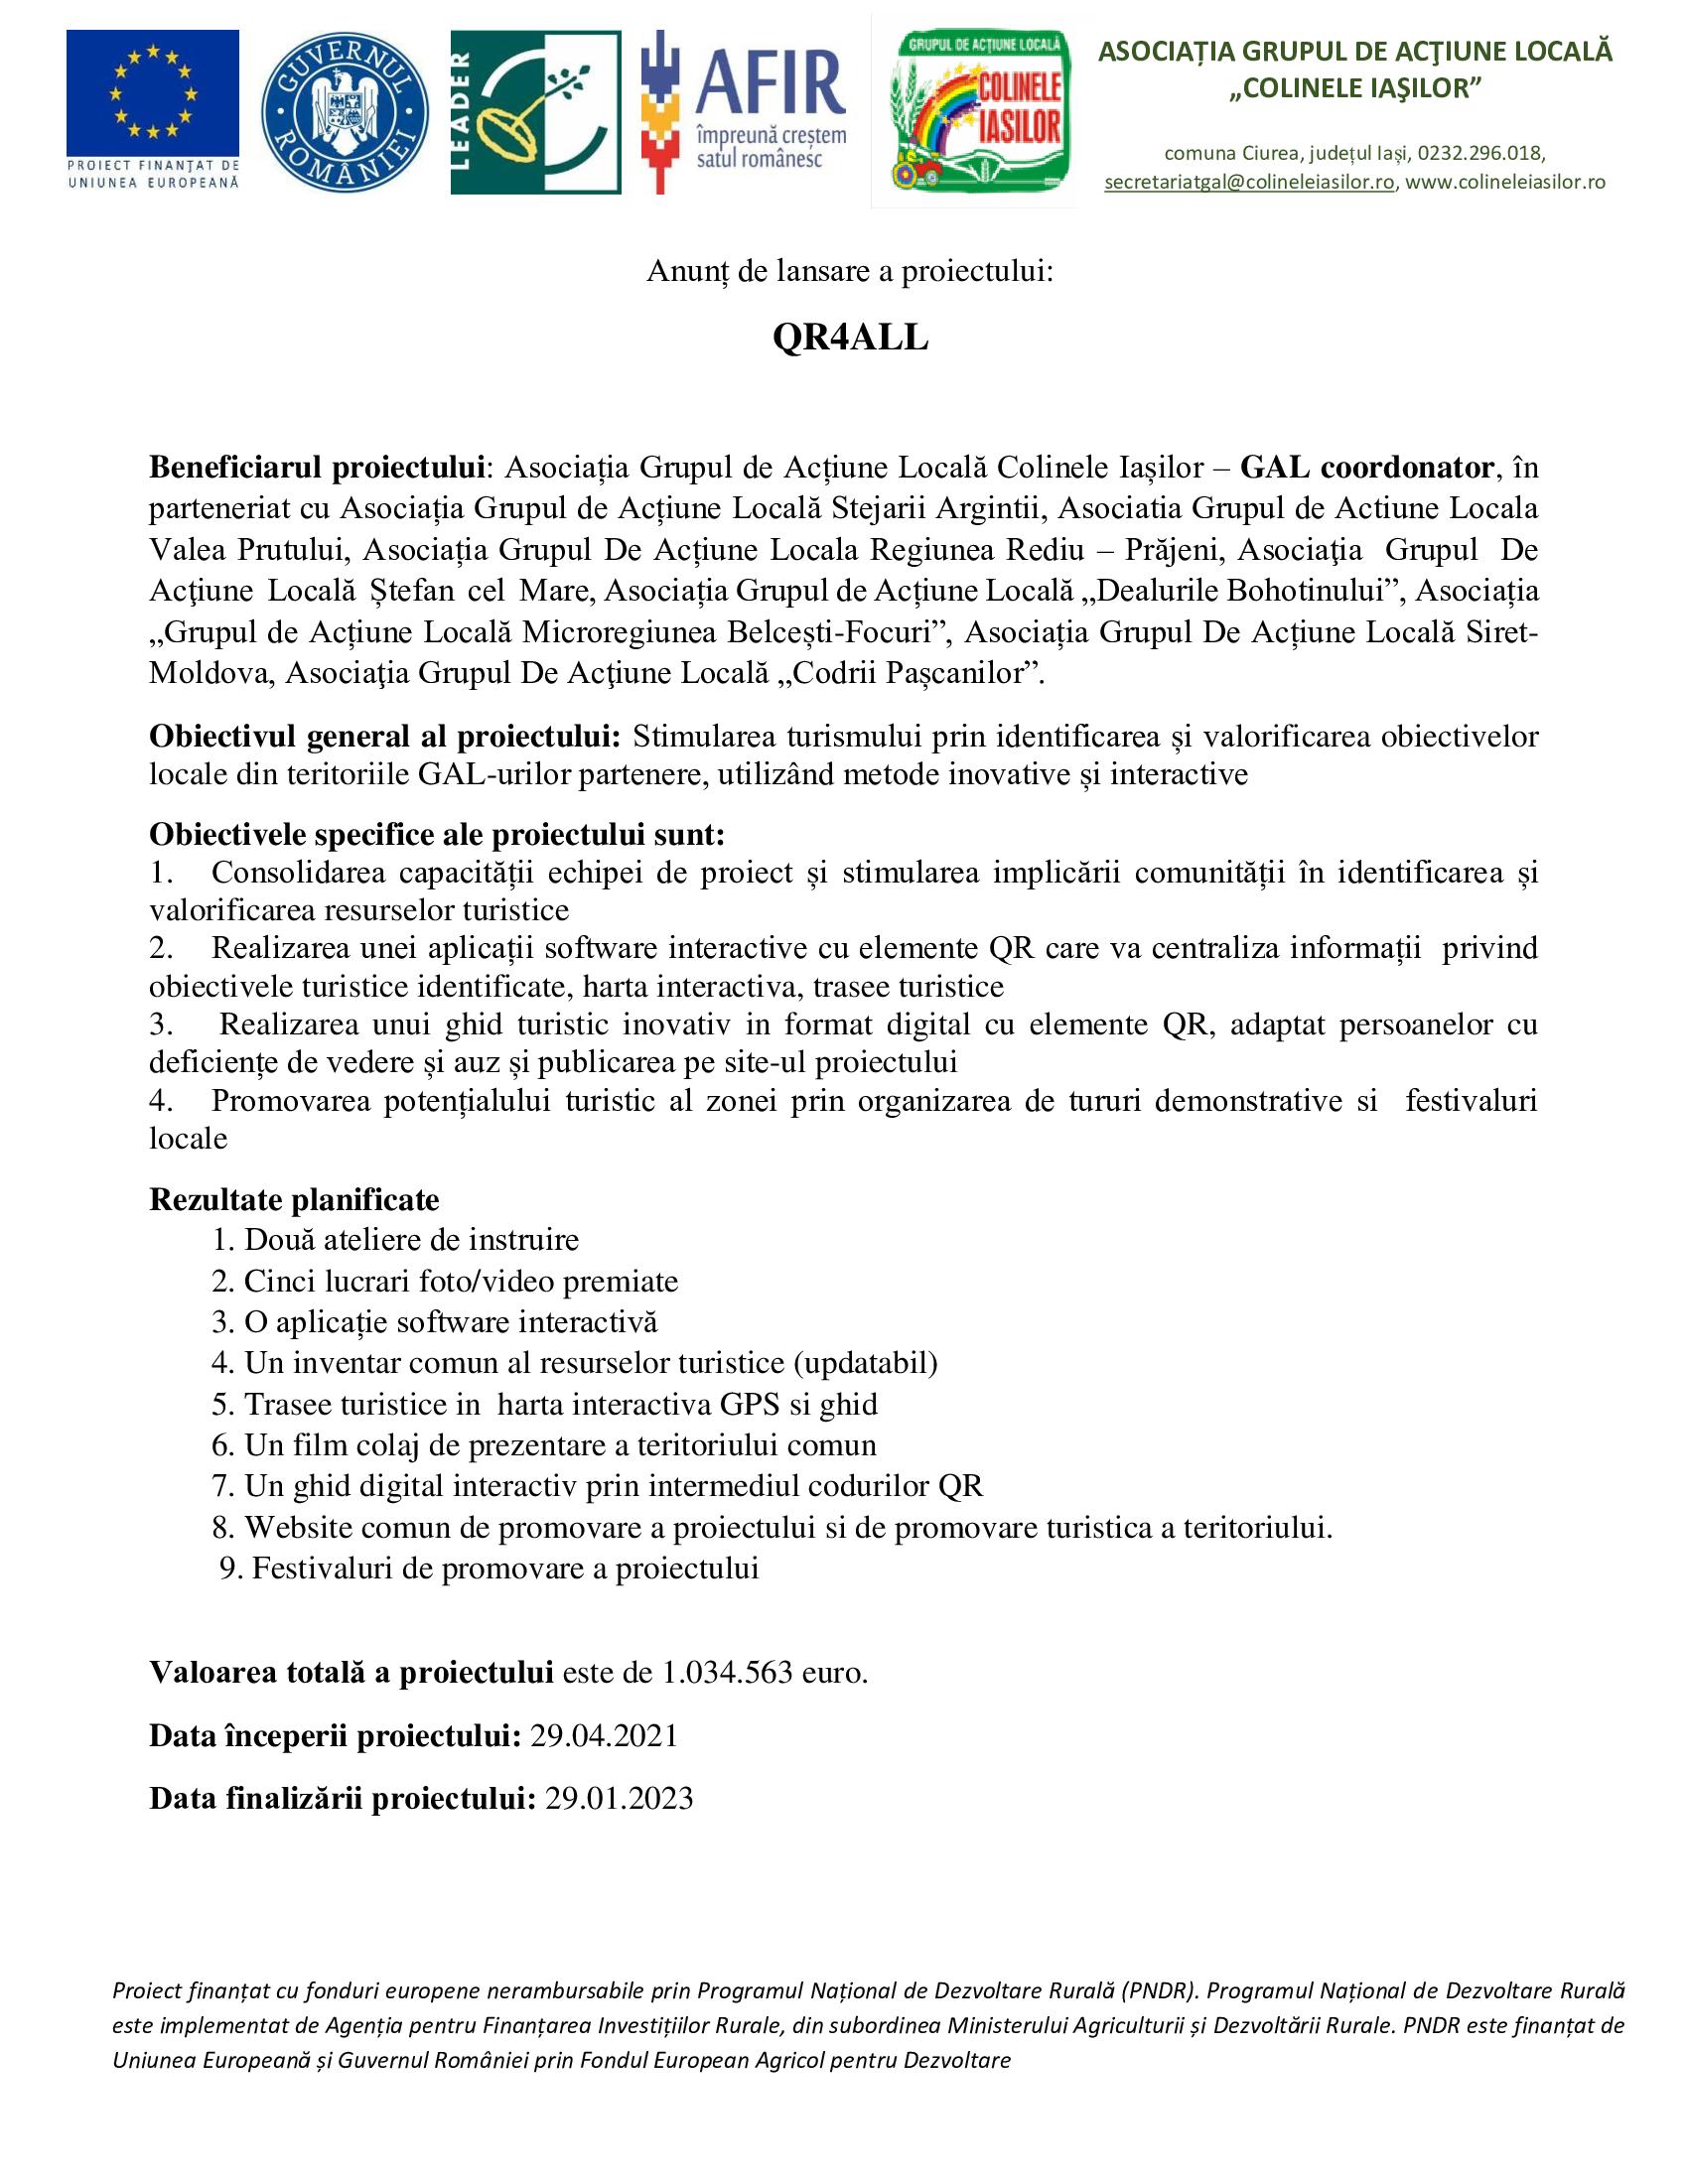 Proiecte cooperare - QR4ALL